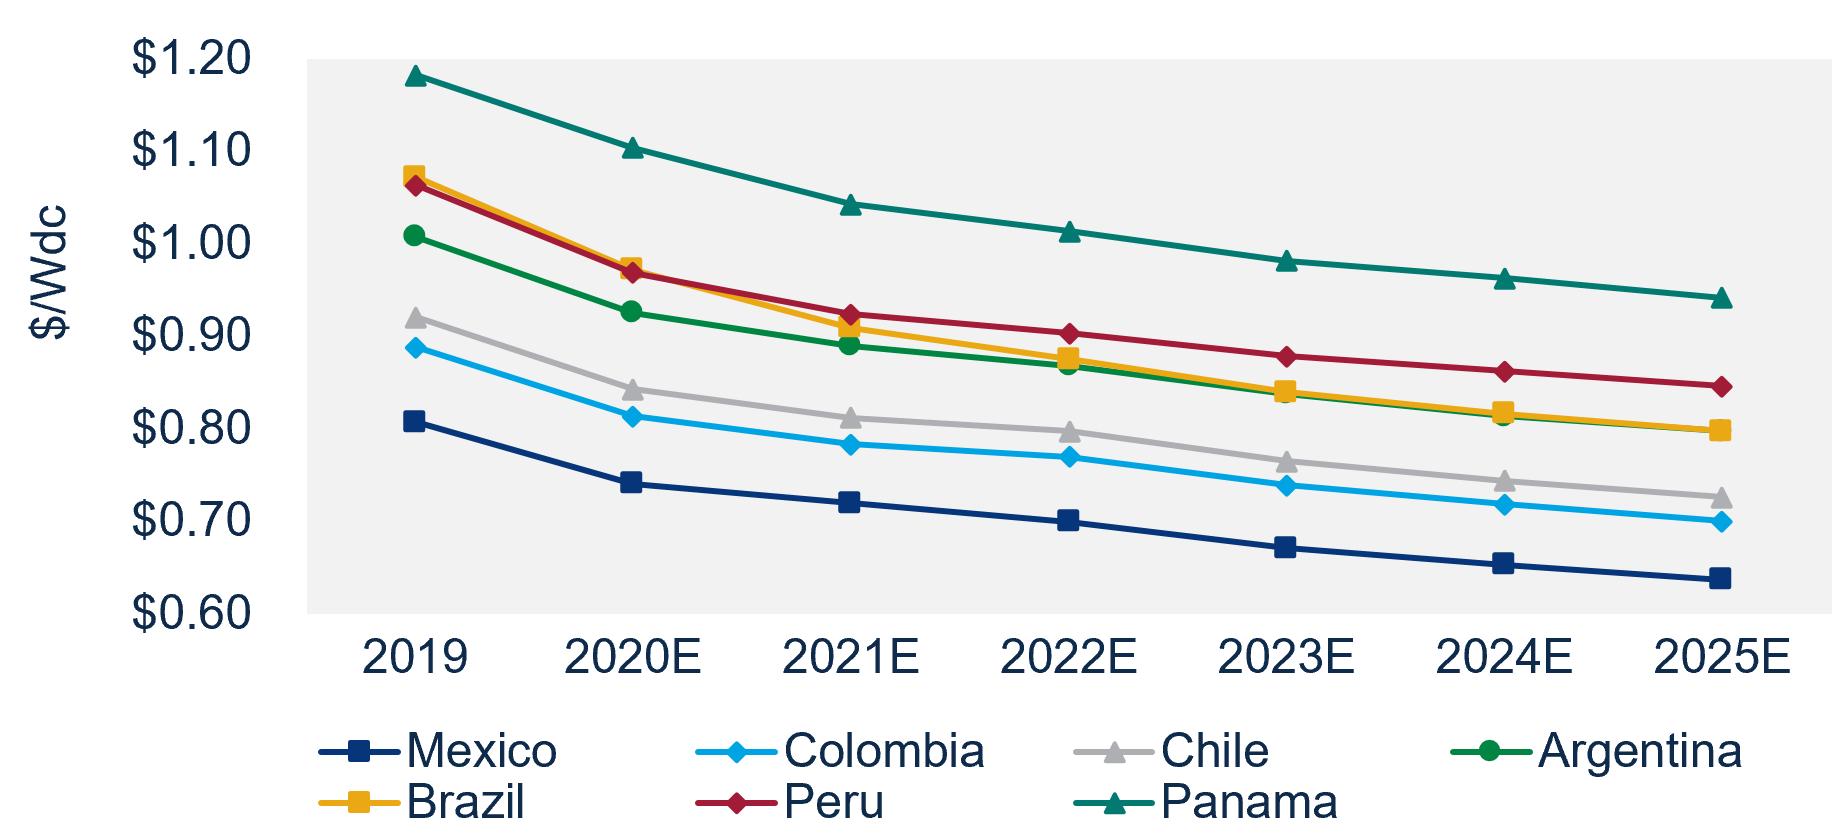 Costos del sistema fotovoltaico a escala de servicios públicos por país, 2019-2025